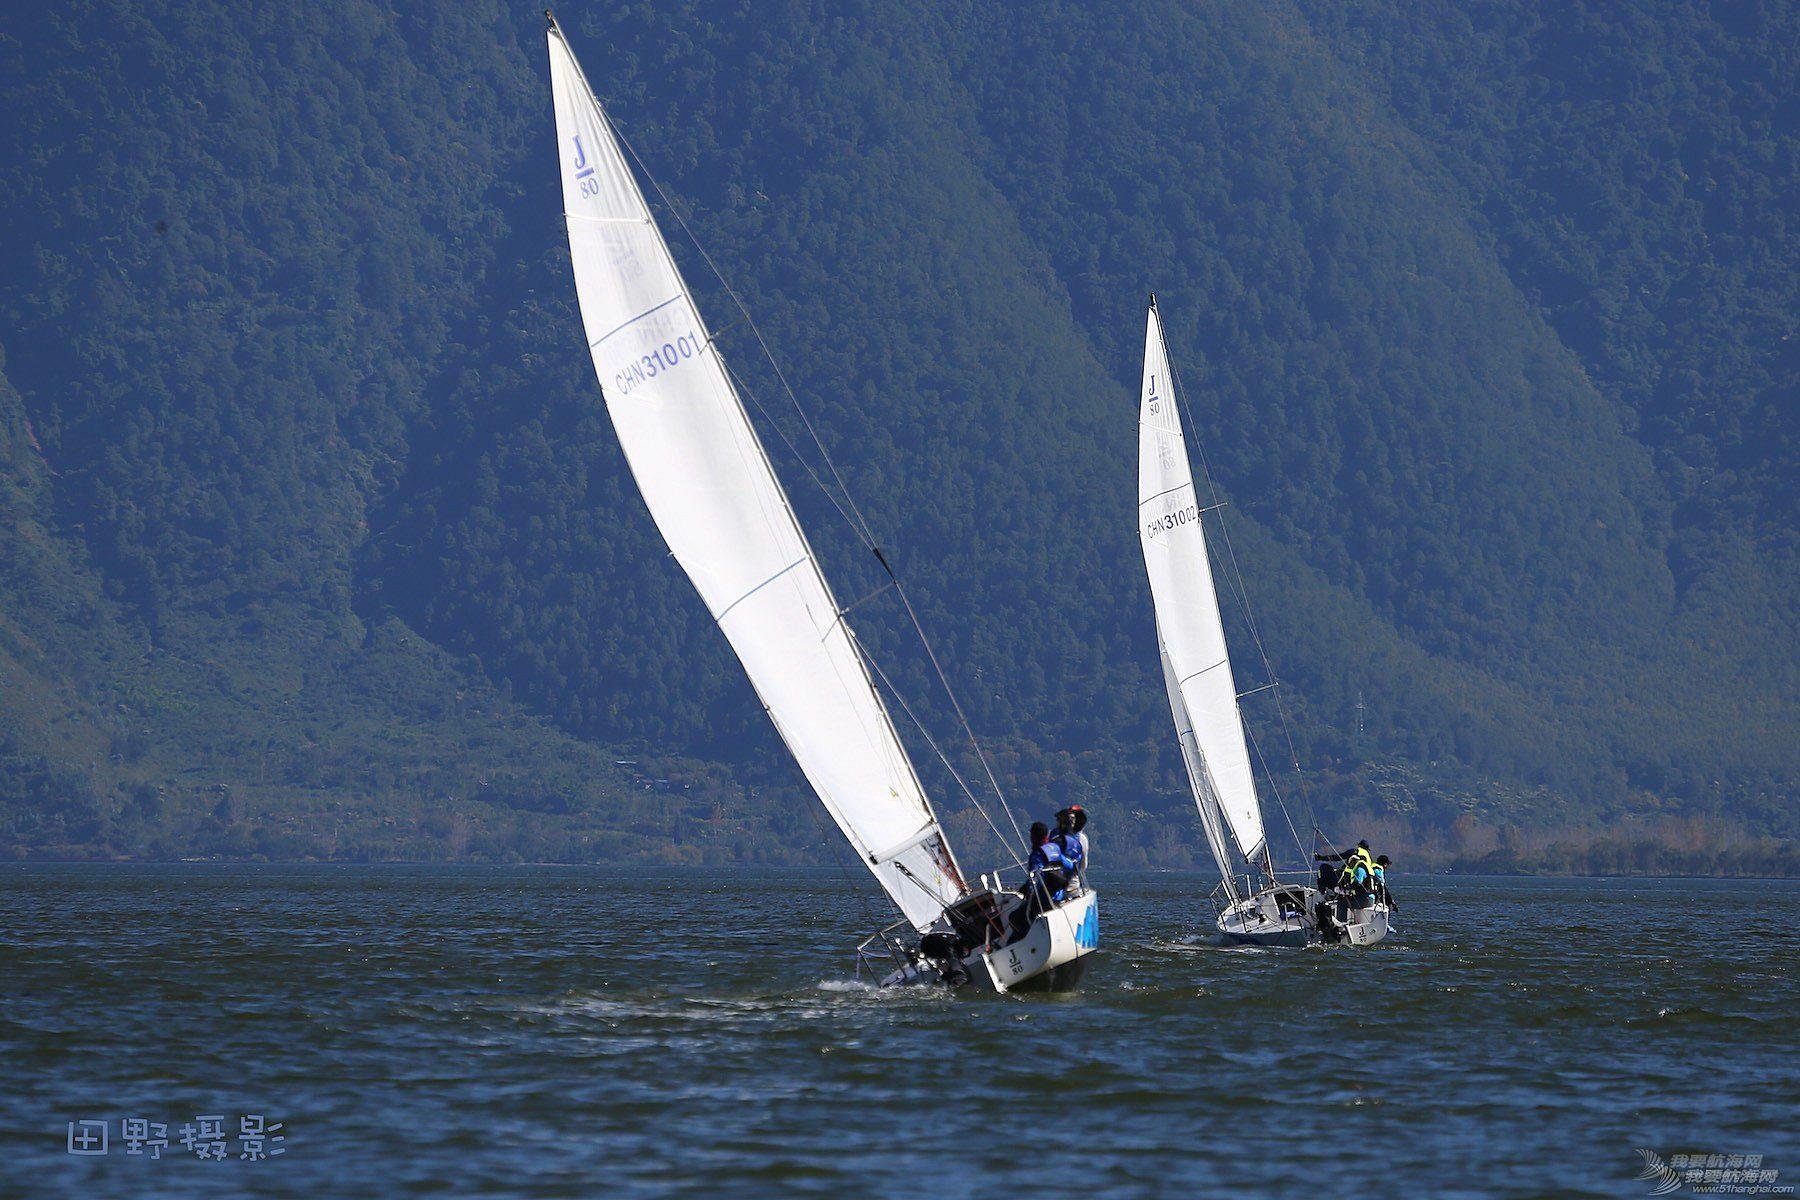 精彩图片,中国,西昌,国际,拍摄 2015中国西昌邛海国际帆船赛精彩图片【组一】   田野摄影